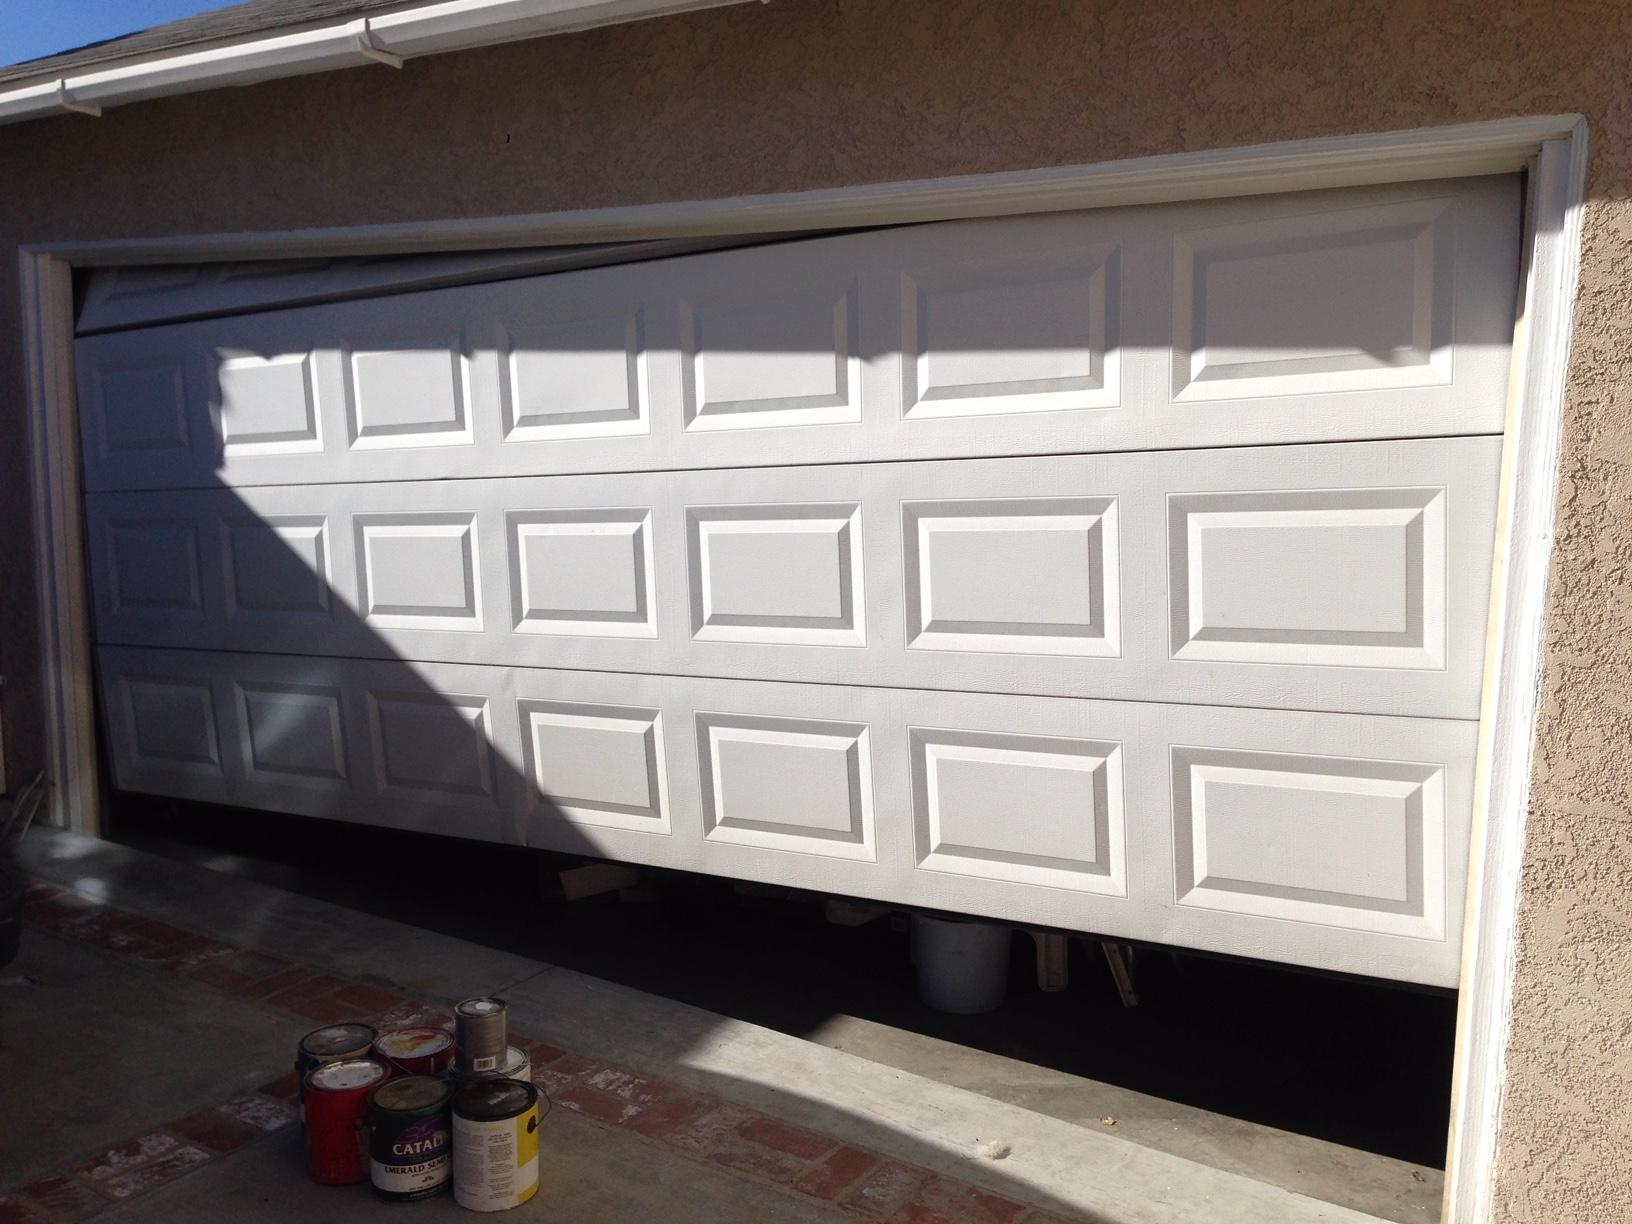 Chamberlain Garage Door in Santa Monica